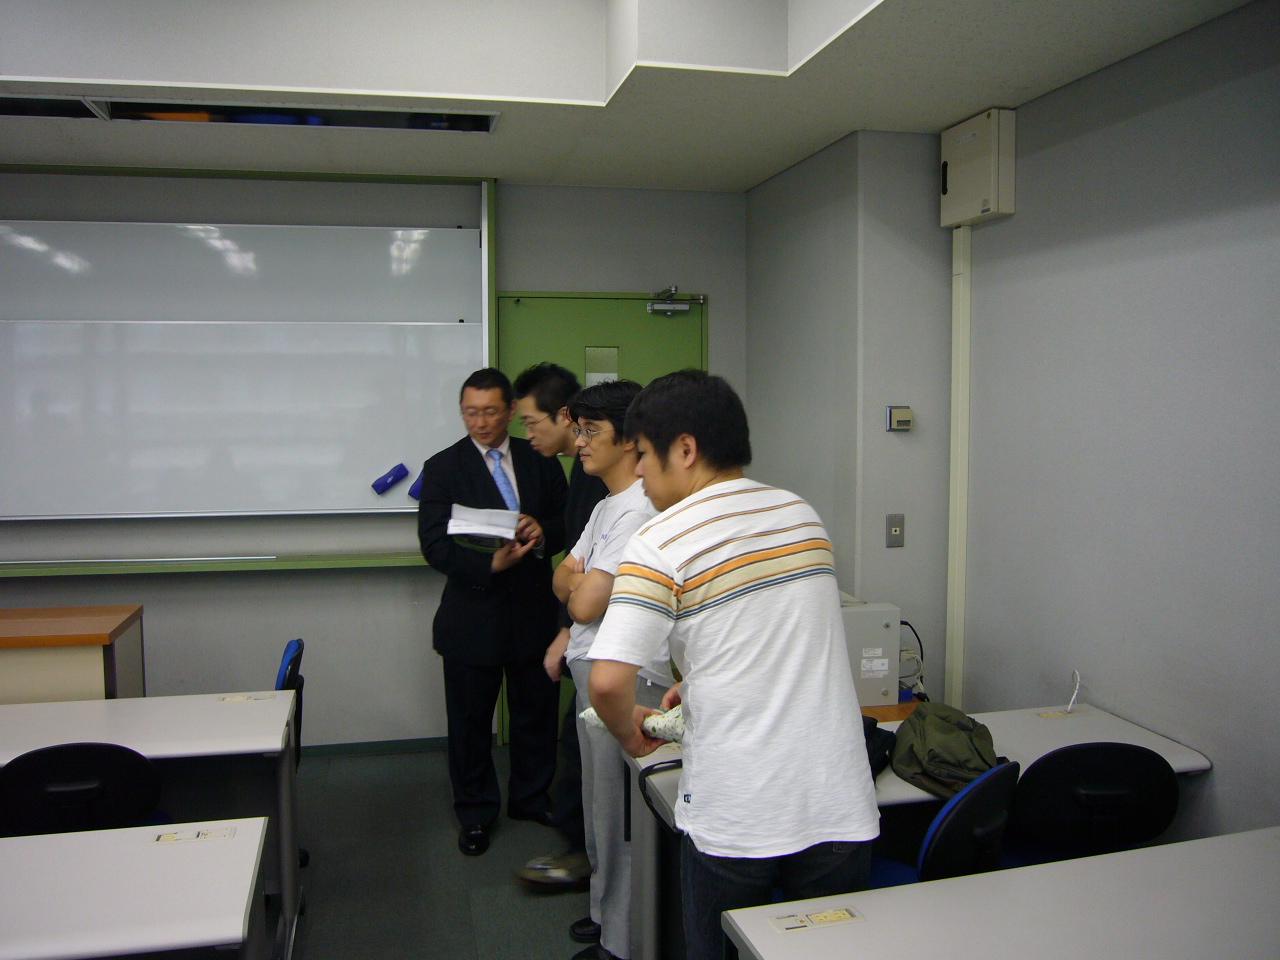 オープンソースカンファレンス2008Kansai@Kyoto2